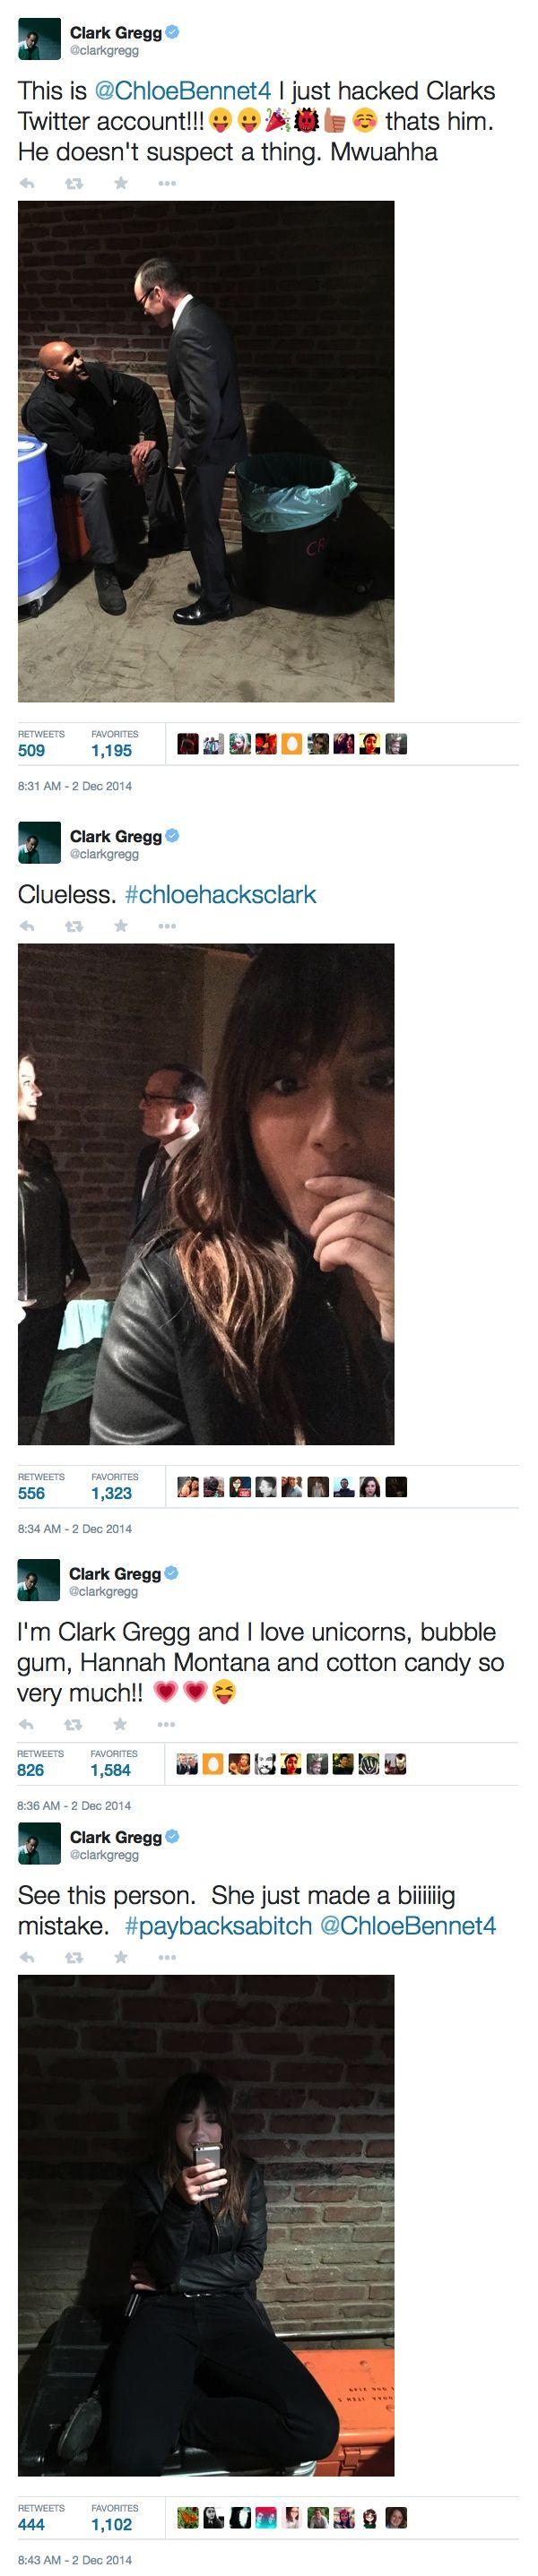 Chloe hacks Clark's twitter account! || Clark Gregg, Chloe Bennet || Twitter || #cast #humor #chloehacksclark